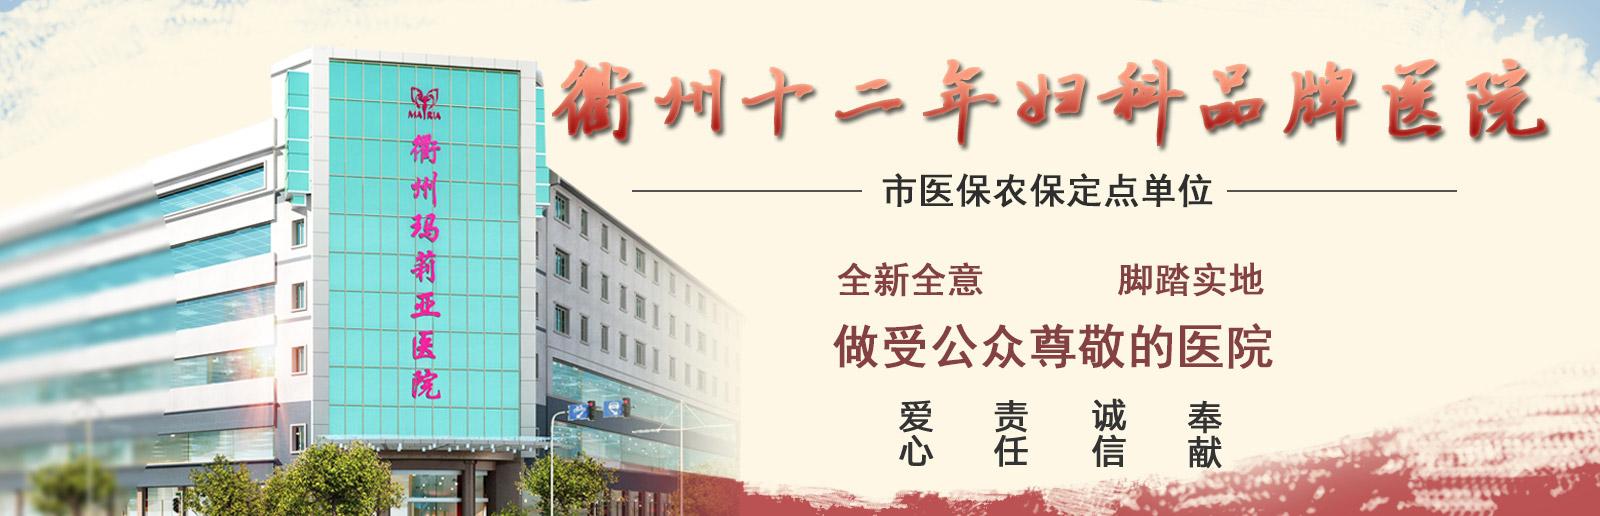 平博平博备用网址医院(普通平博)展示